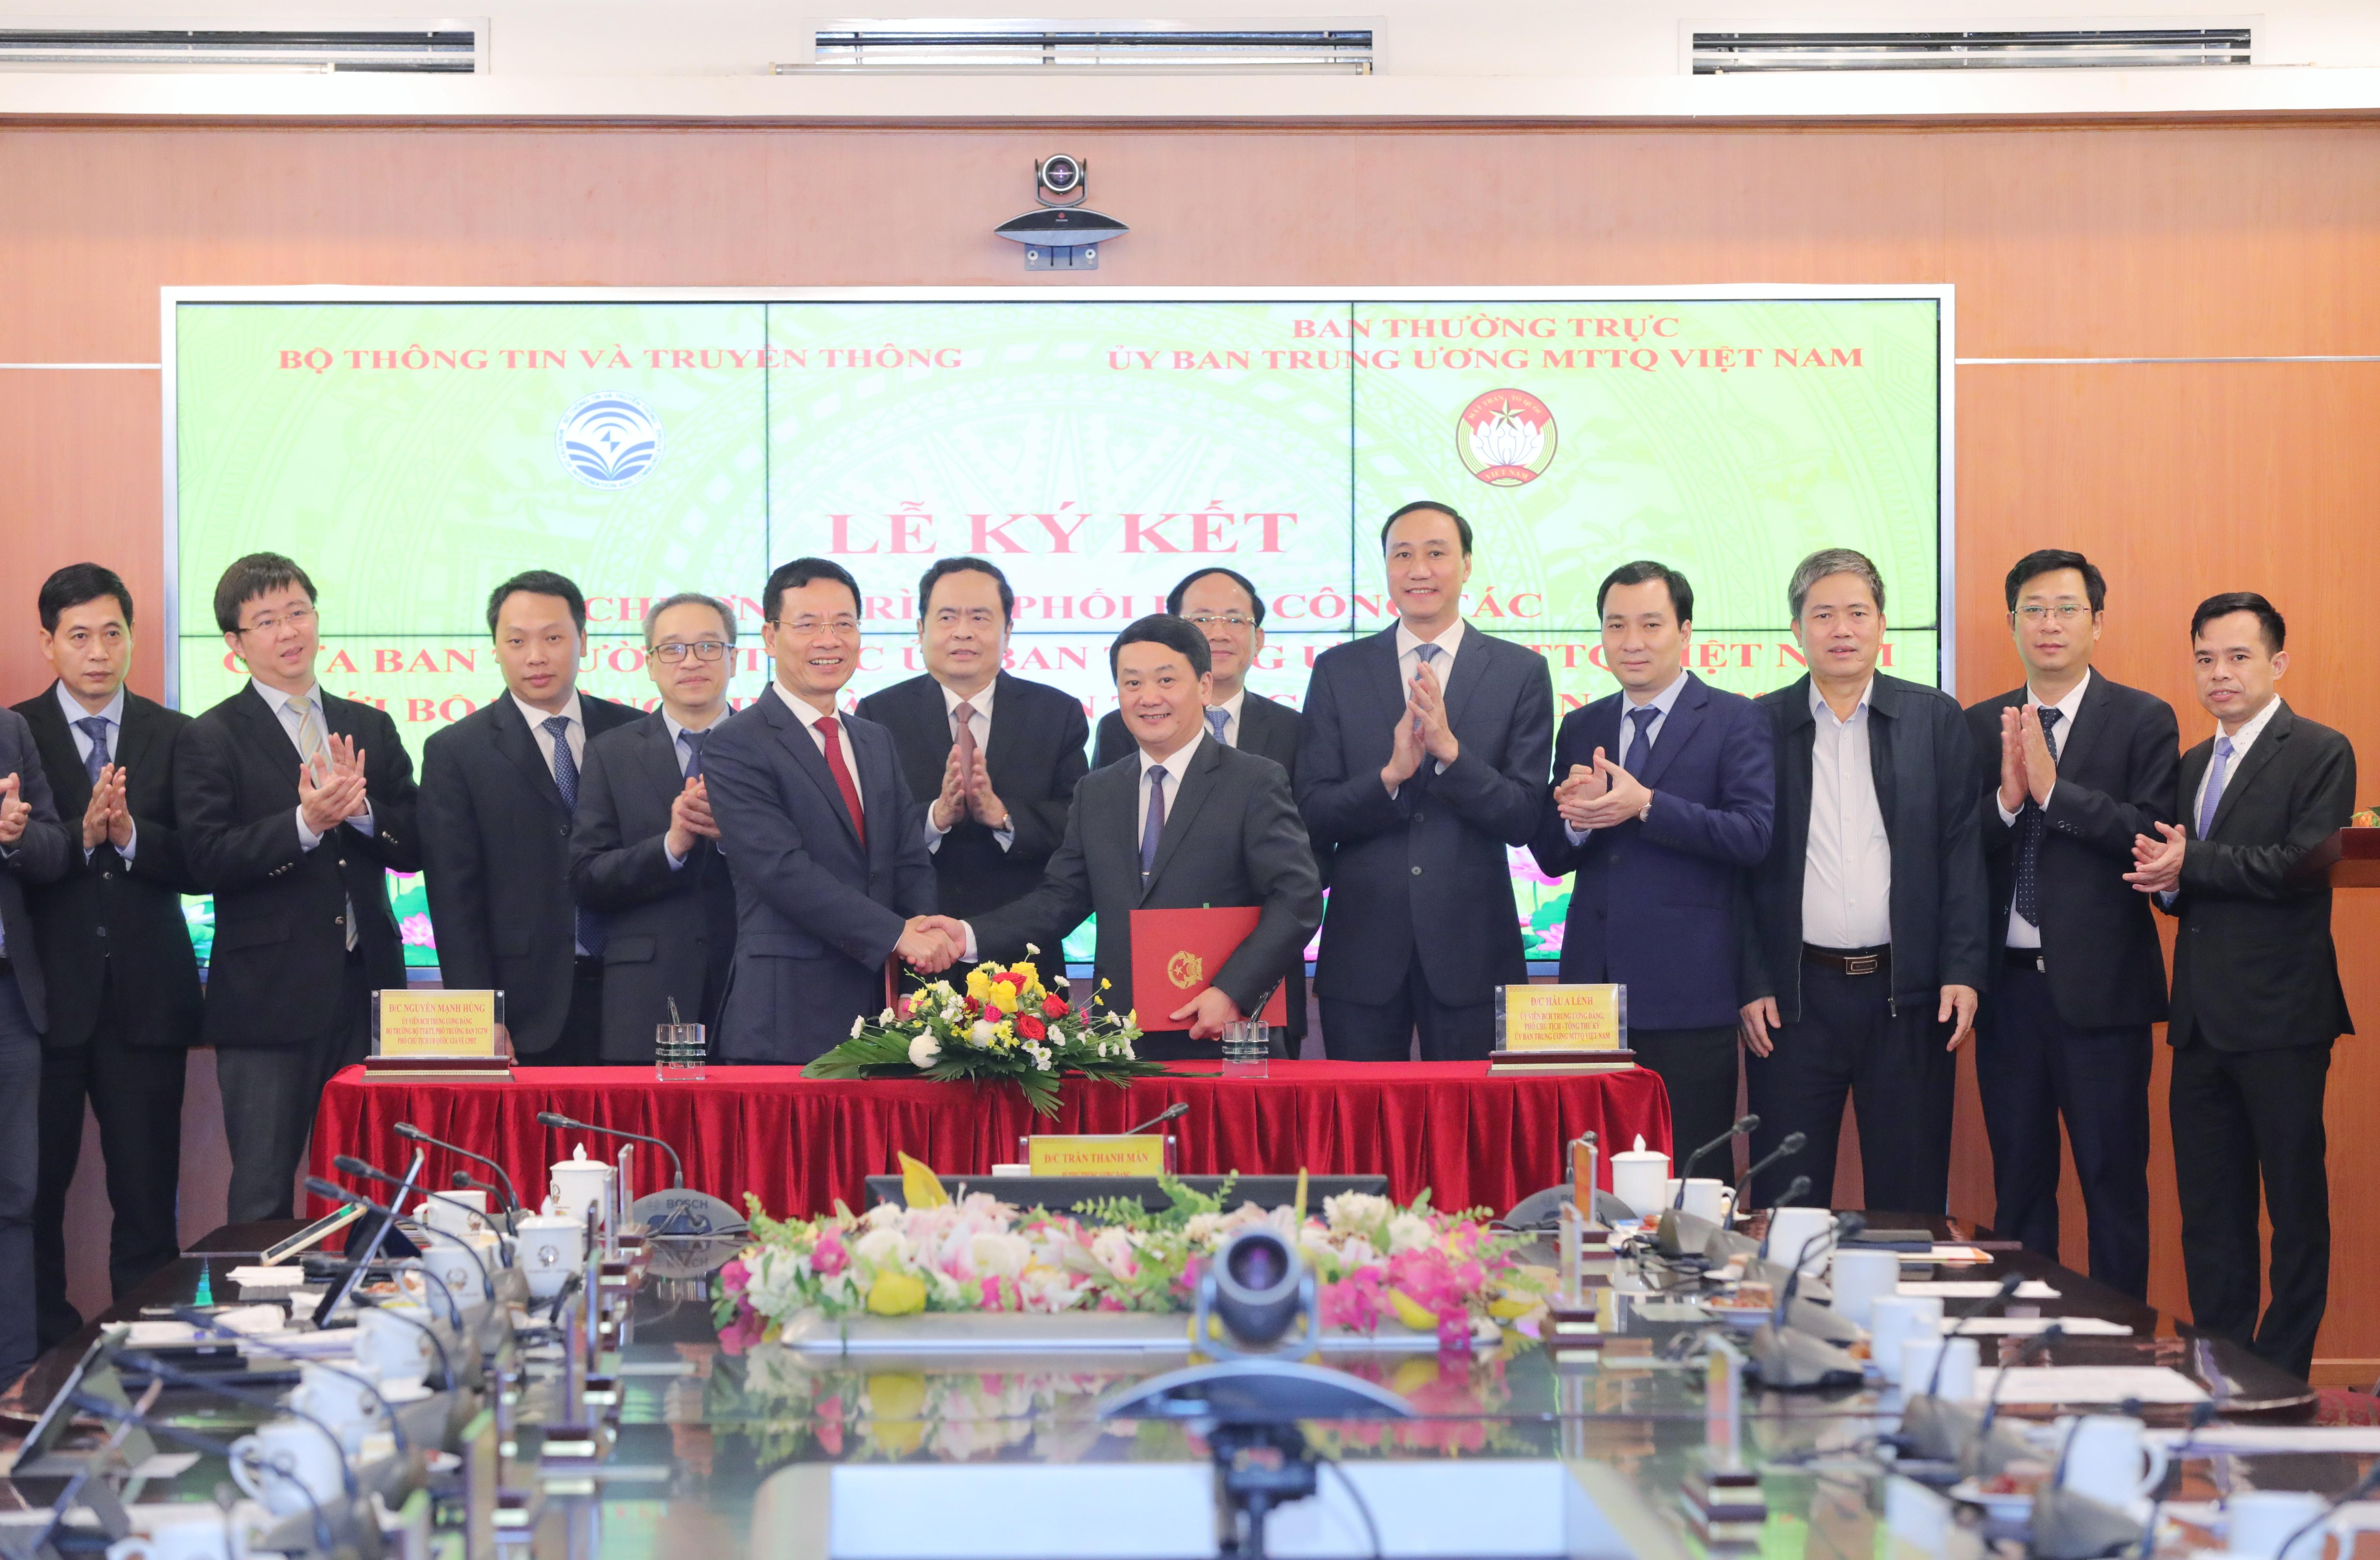 Chủ tịch Trần Thanh Mẫn chứng kiến Lễ ký kết chương trình phối hợp công tác giữa hai cơ quan.Ảnh: Quang Vinh.